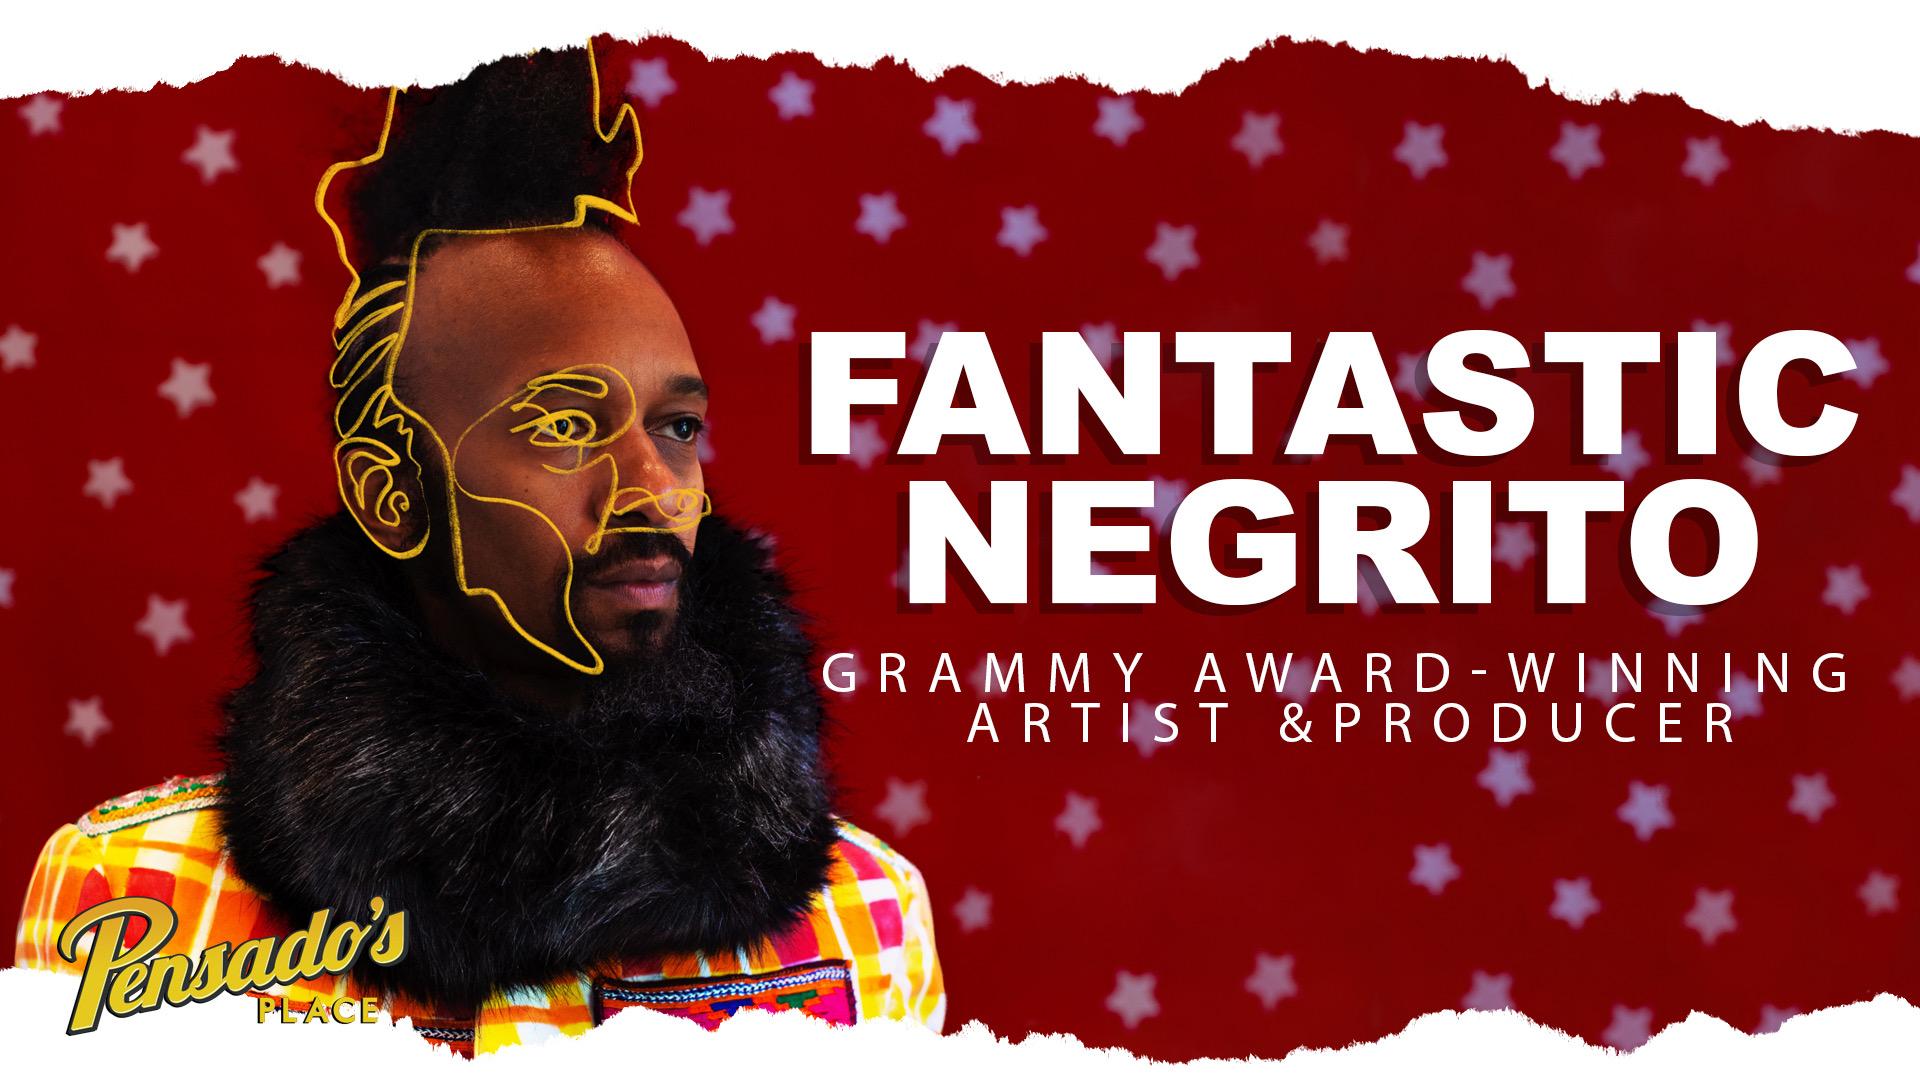 Grammy Award Winning Artist / Producer, Fantastic Negrito